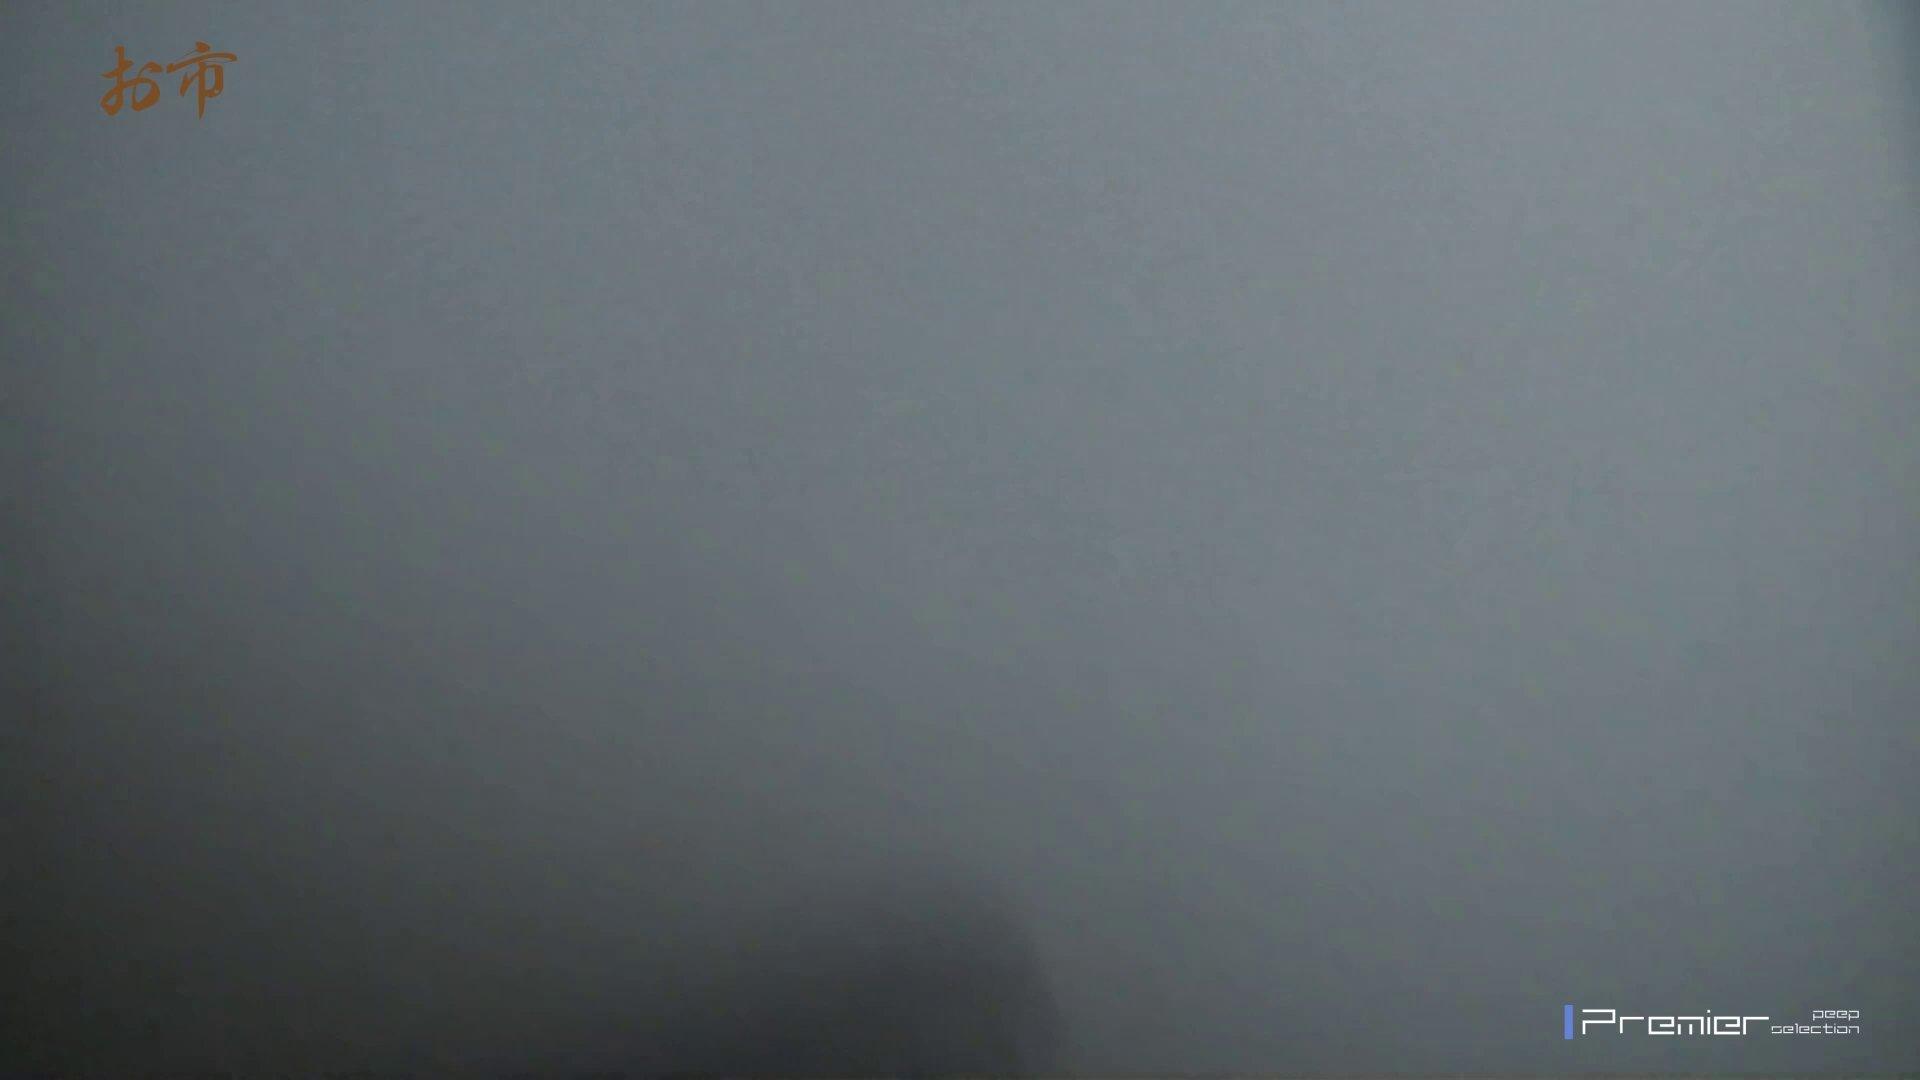 潜入!!台湾名門女学院 Vol.14 ラストコンテンツ!! 潜入 ワレメ無修正動画無料 109画像 44